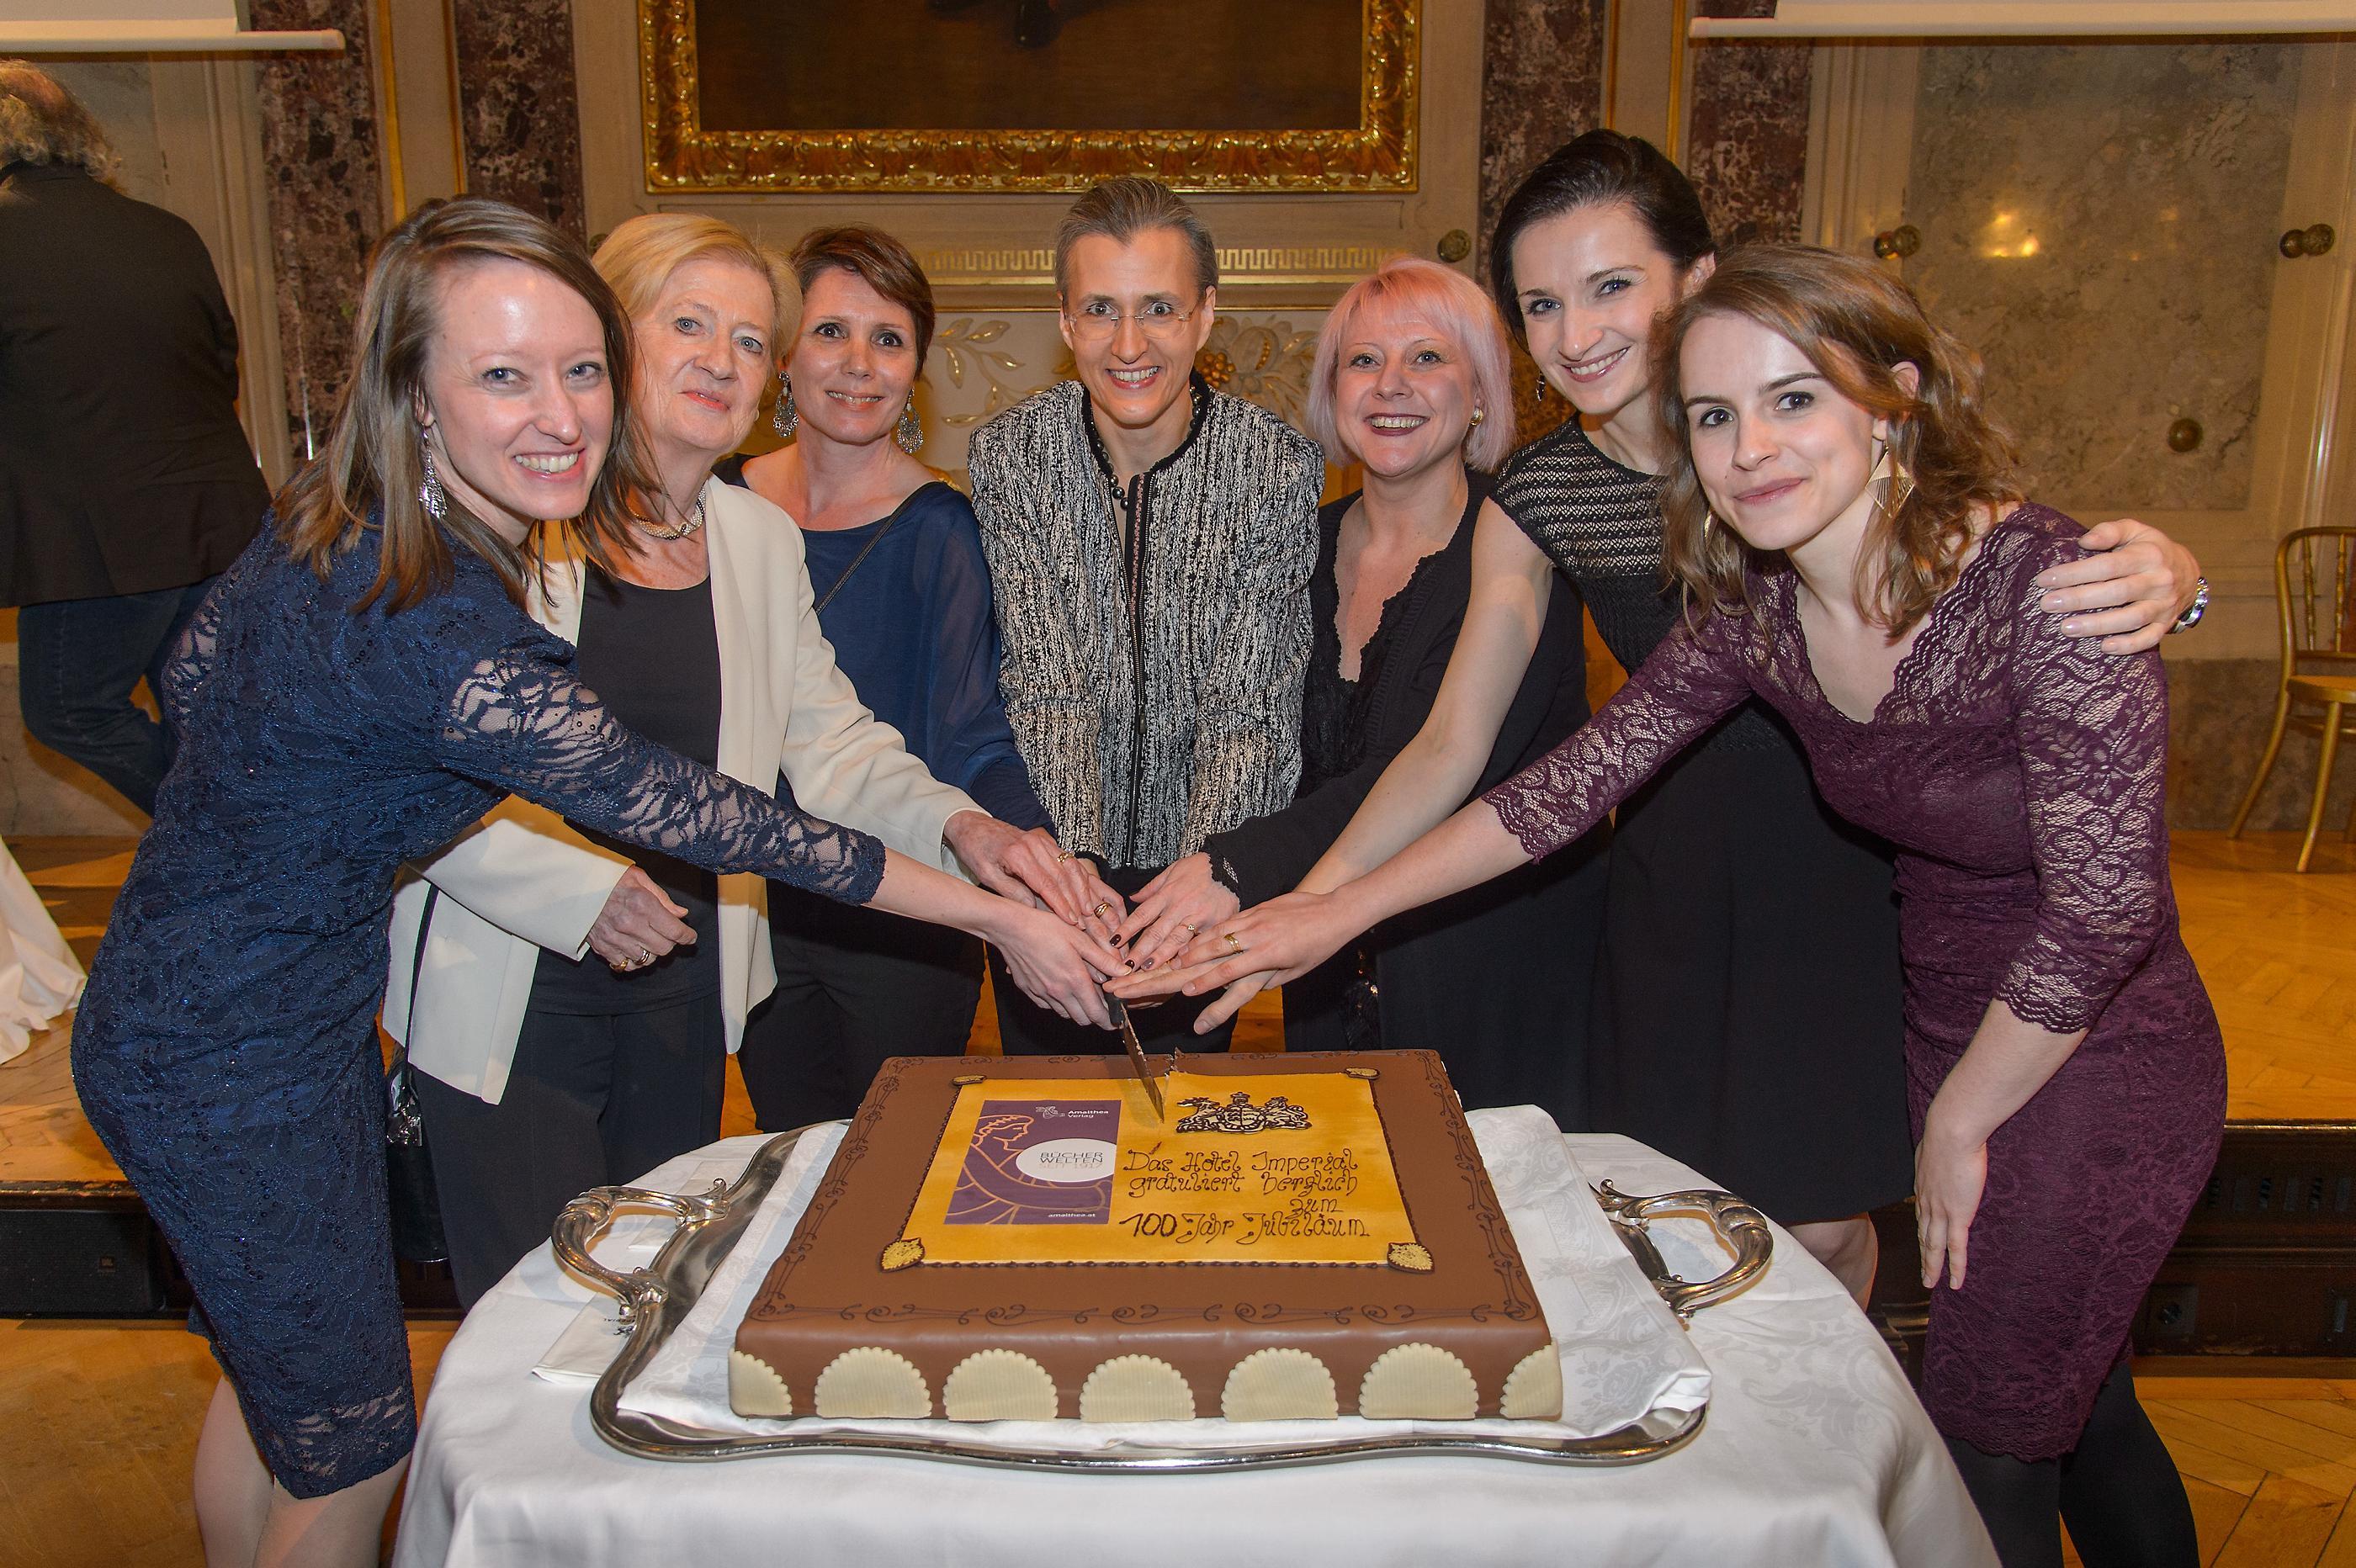 Amalthea Team: Madeleine Pichler, Brigitte Sinhuber, Ingeborg Lux, Carmen Sippl, Michaela Mottinger, Katarzyna Lutecka und Linn Steinicke